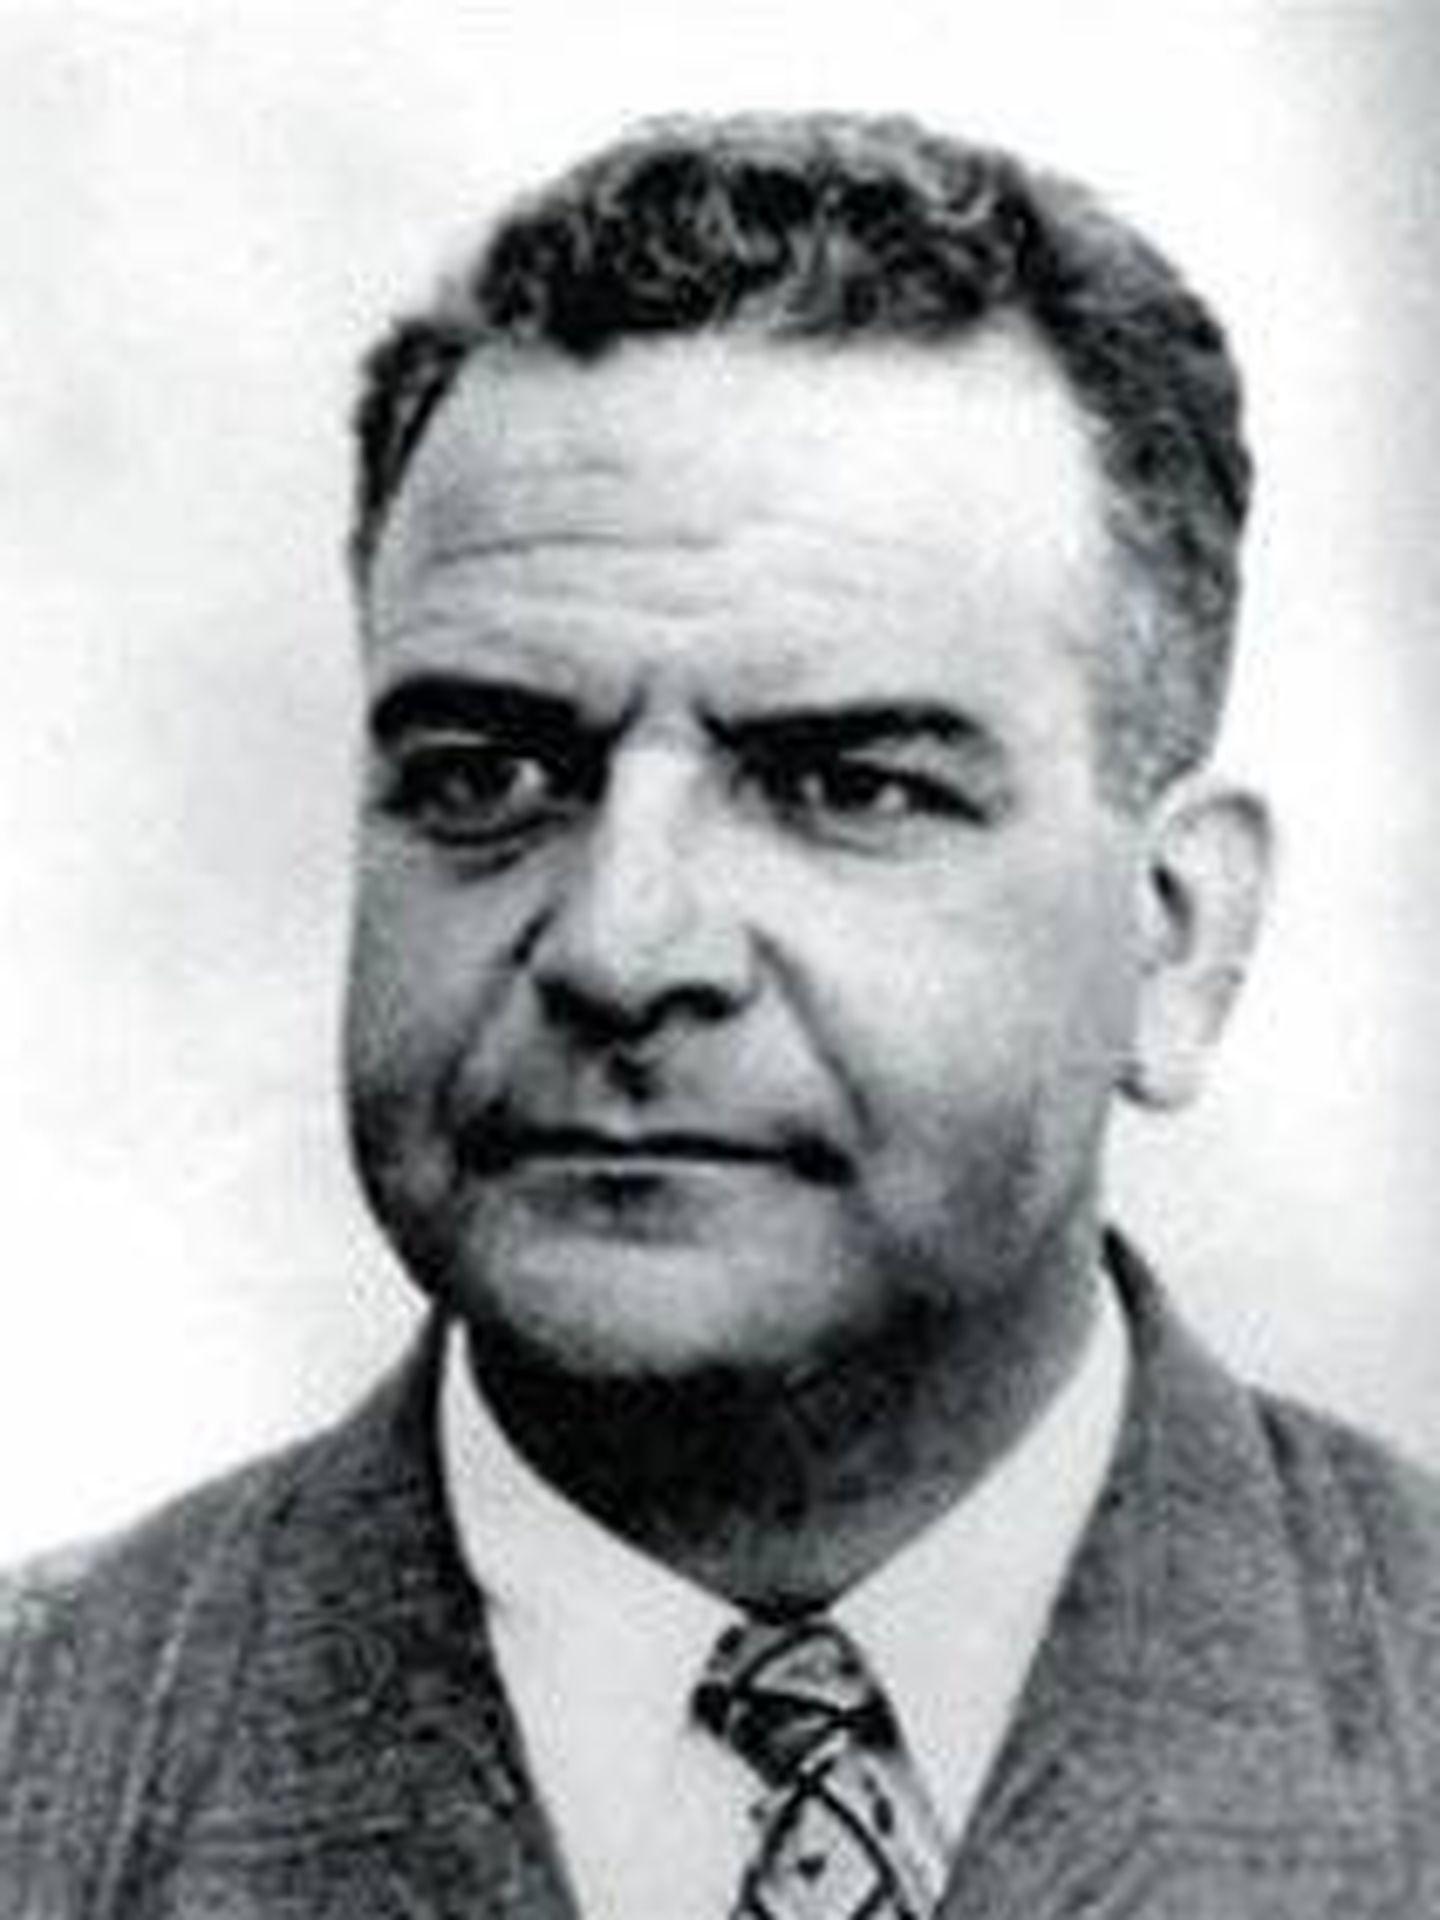 Ramón Mercader, en un retrato fotográfico de la época. (Wikipedia)